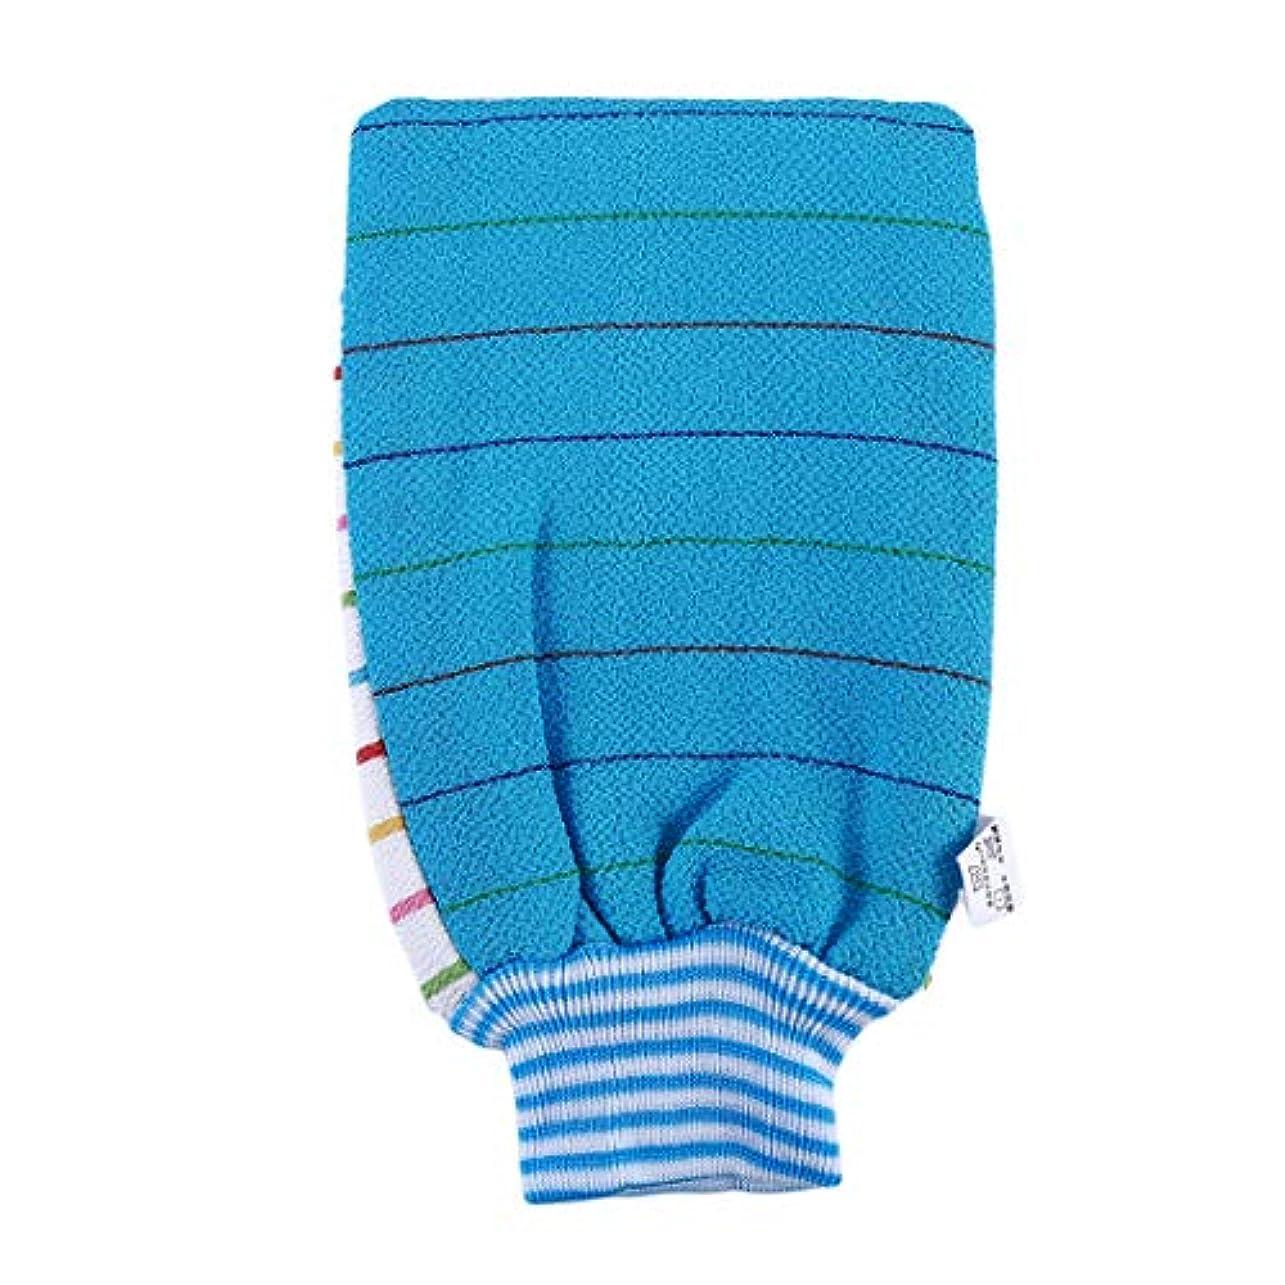 KLUMA 浴用手袋 ボディ手袋 ボディタオル 垢すり用グローブ 毛穴清潔 角質除去 入浴用品 ブルー